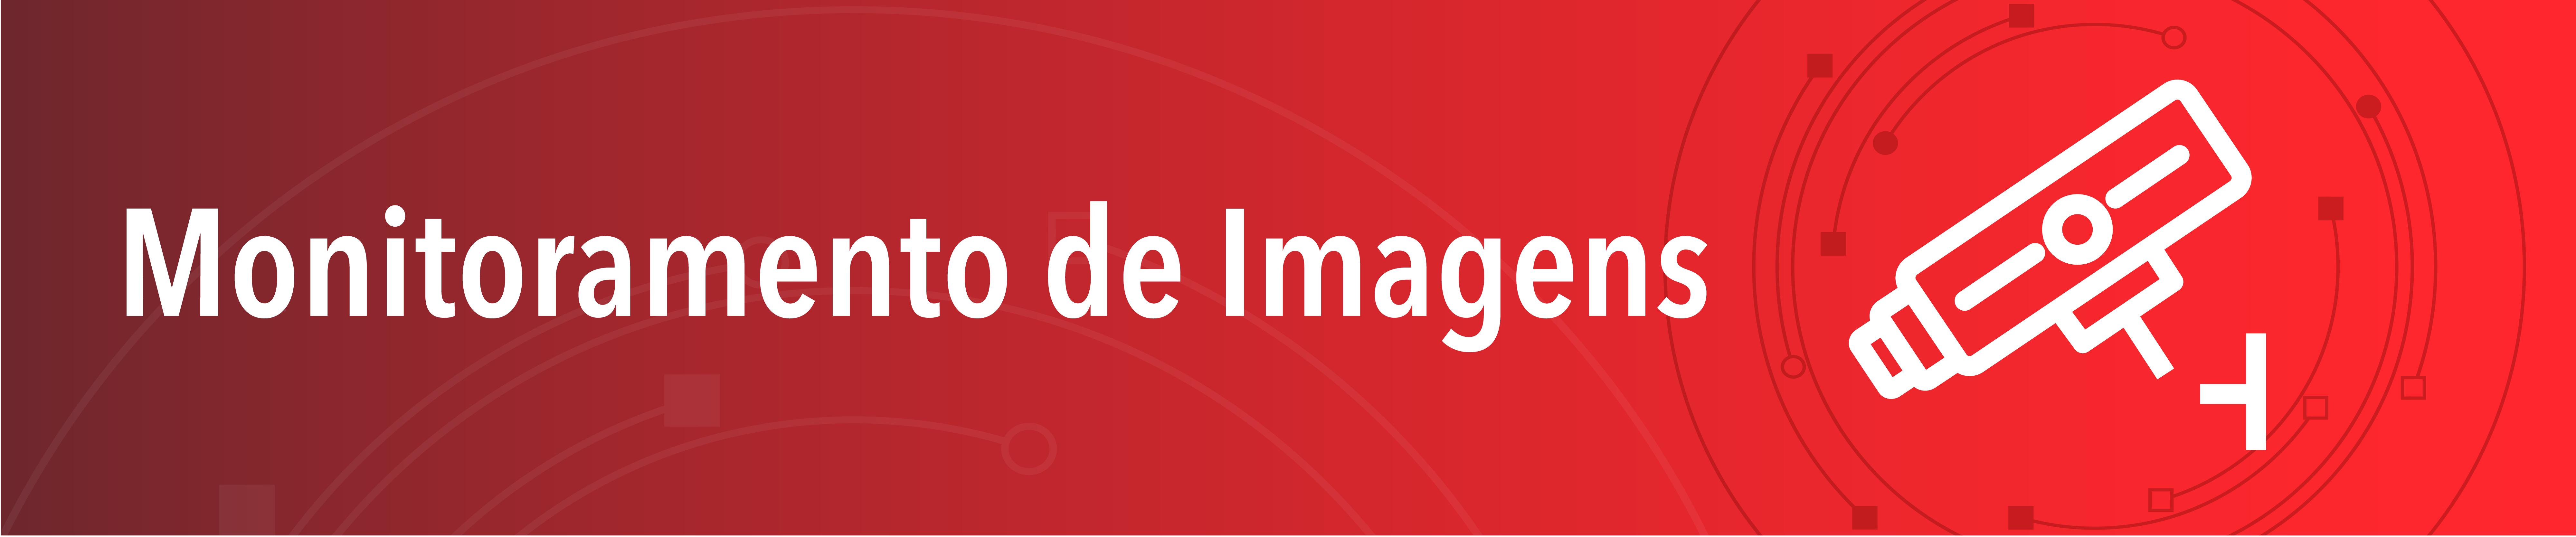 Banner Site Protector_SERVIÇOS_Minitoramento de Imagens